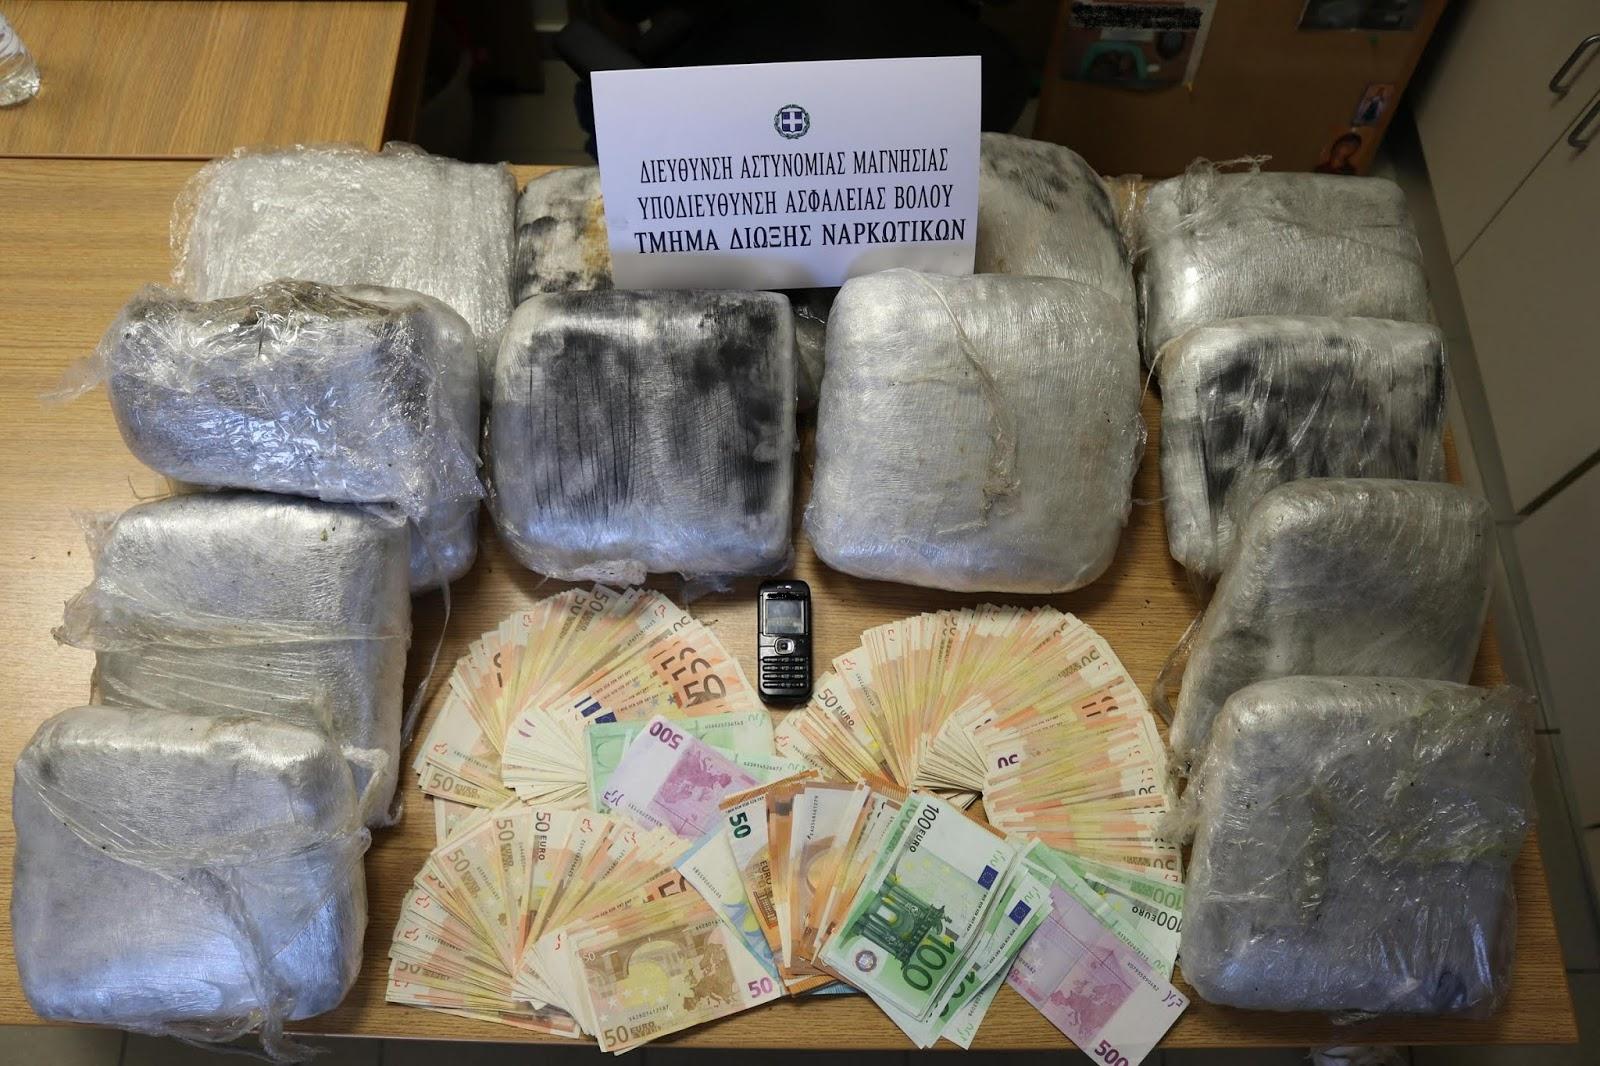 Συνελήφθη 43χρονος στο Βόλο με 13 συσκευασίες ναρκωτικών